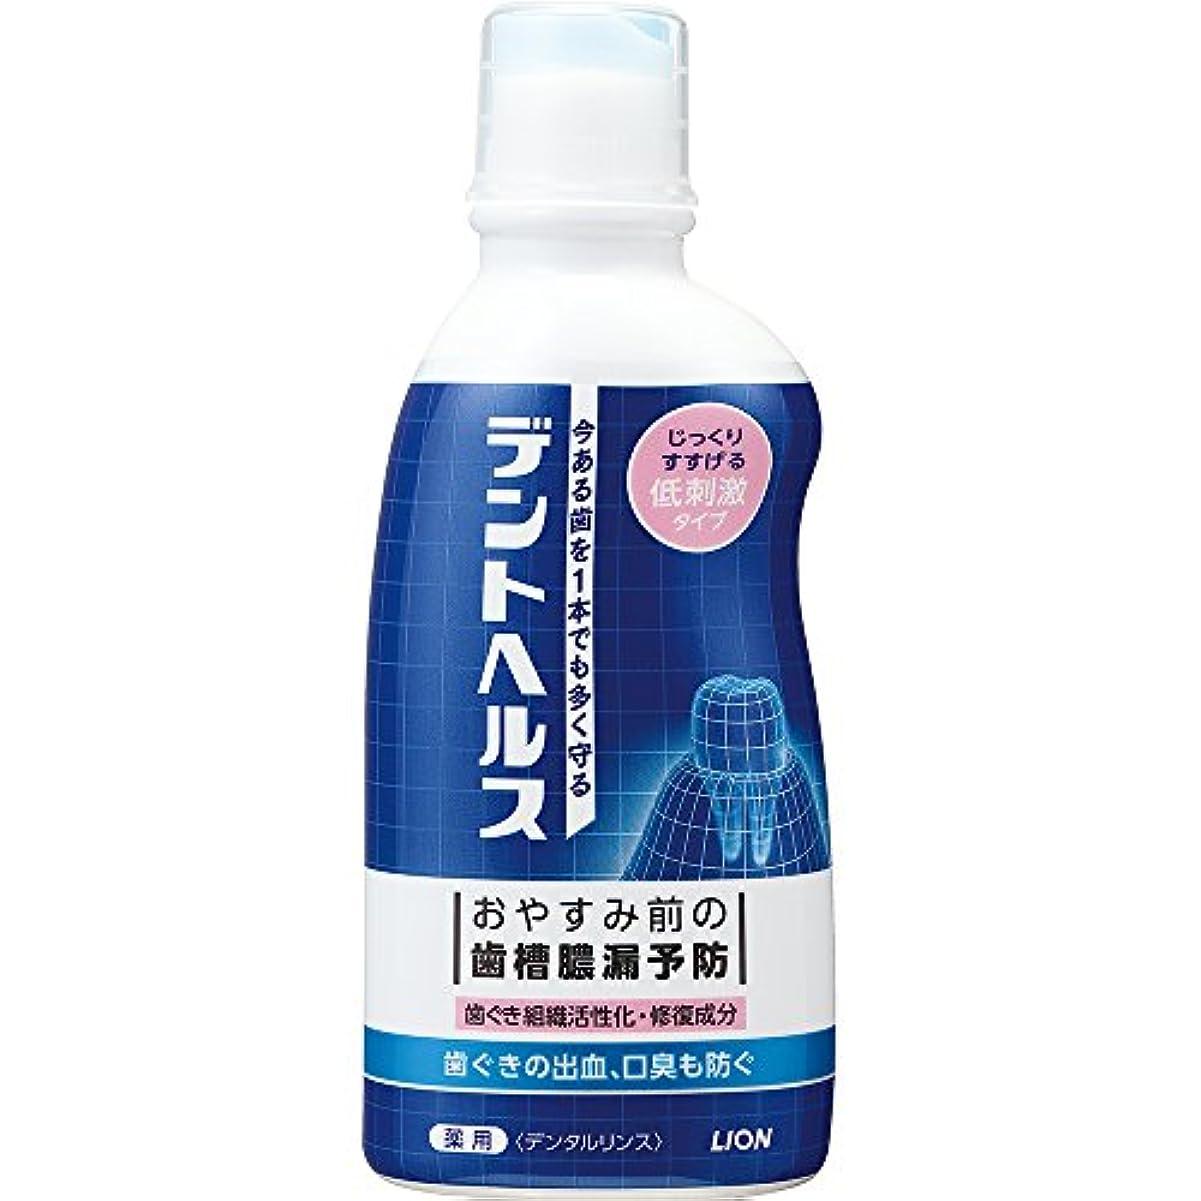 デントヘルス 薬用デンタルリンス 250ml (医薬部外品)